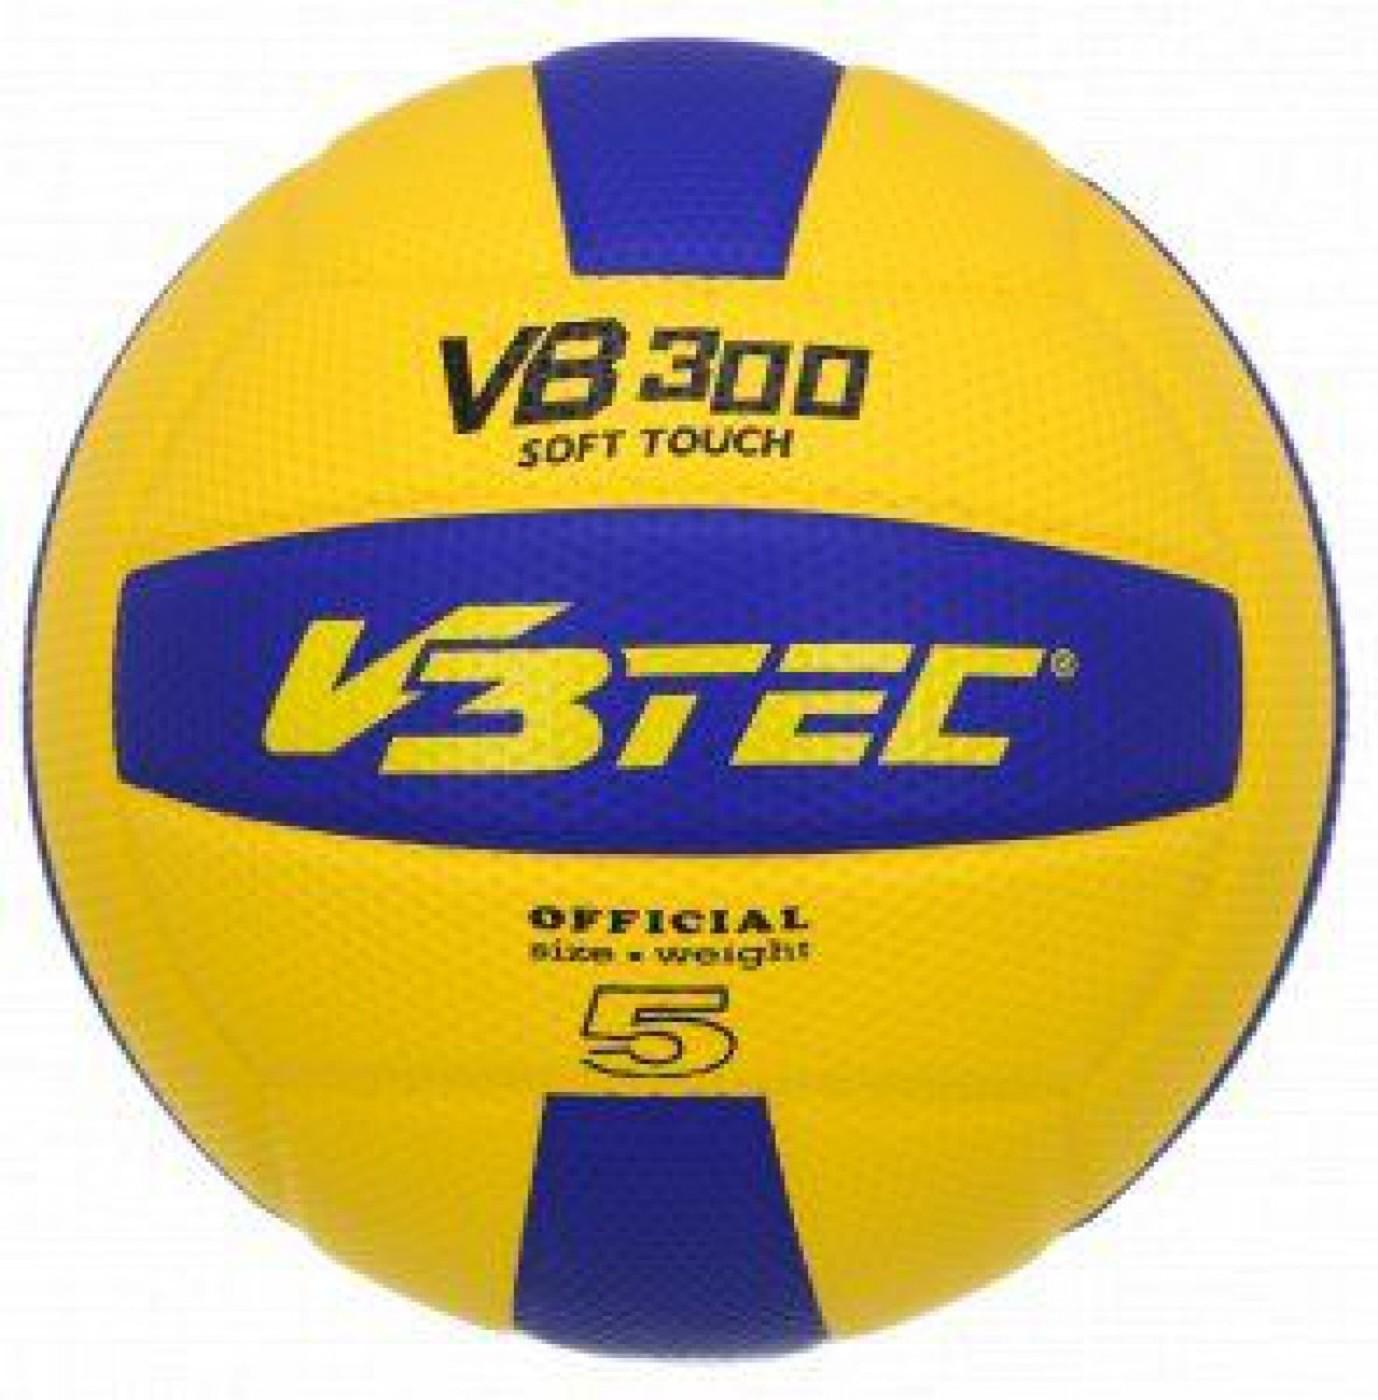 V3TEC VB 300 NEW